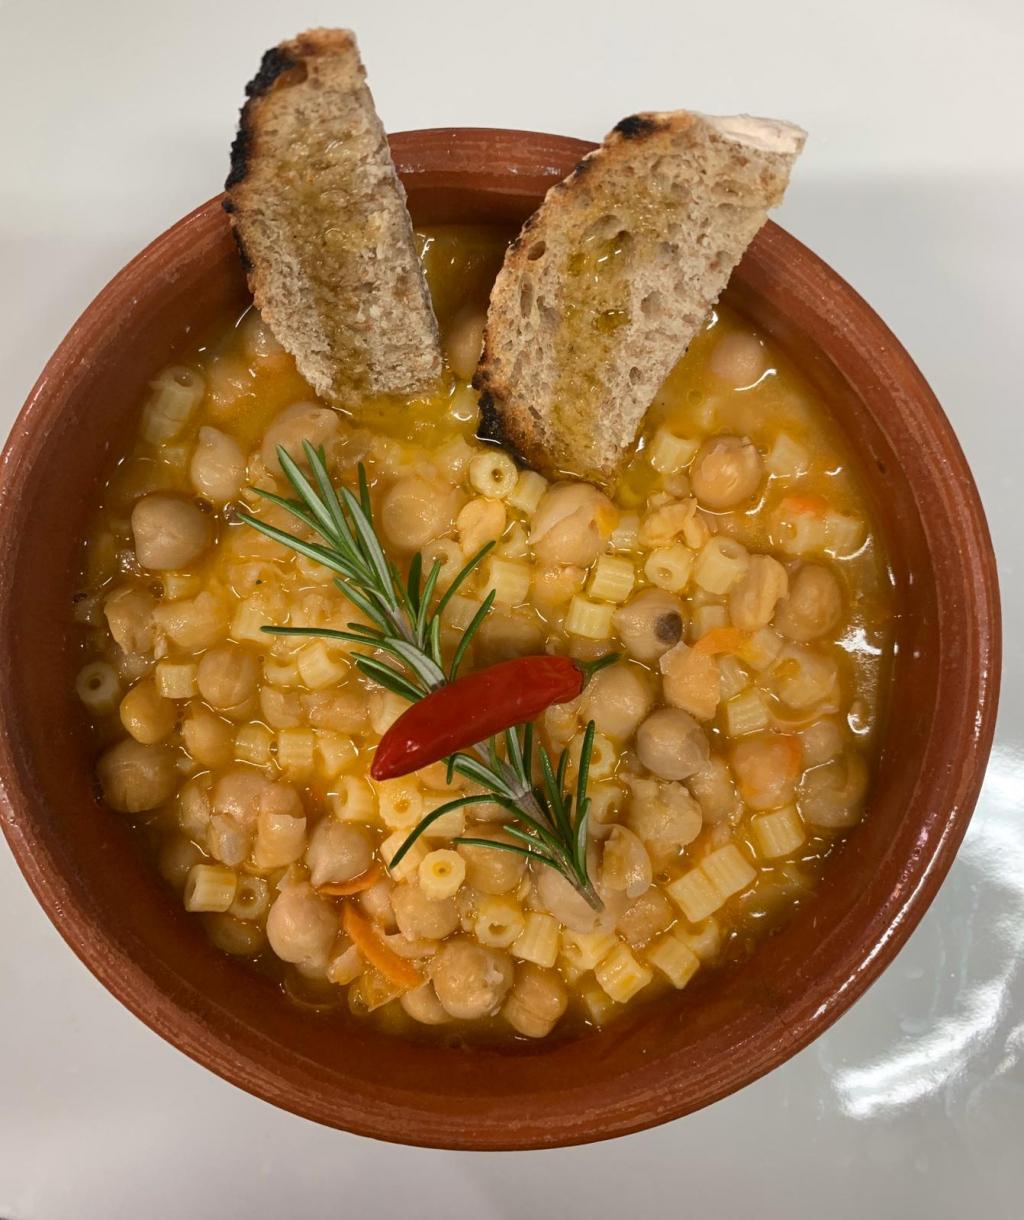 heraion-ristorante-piatti-05